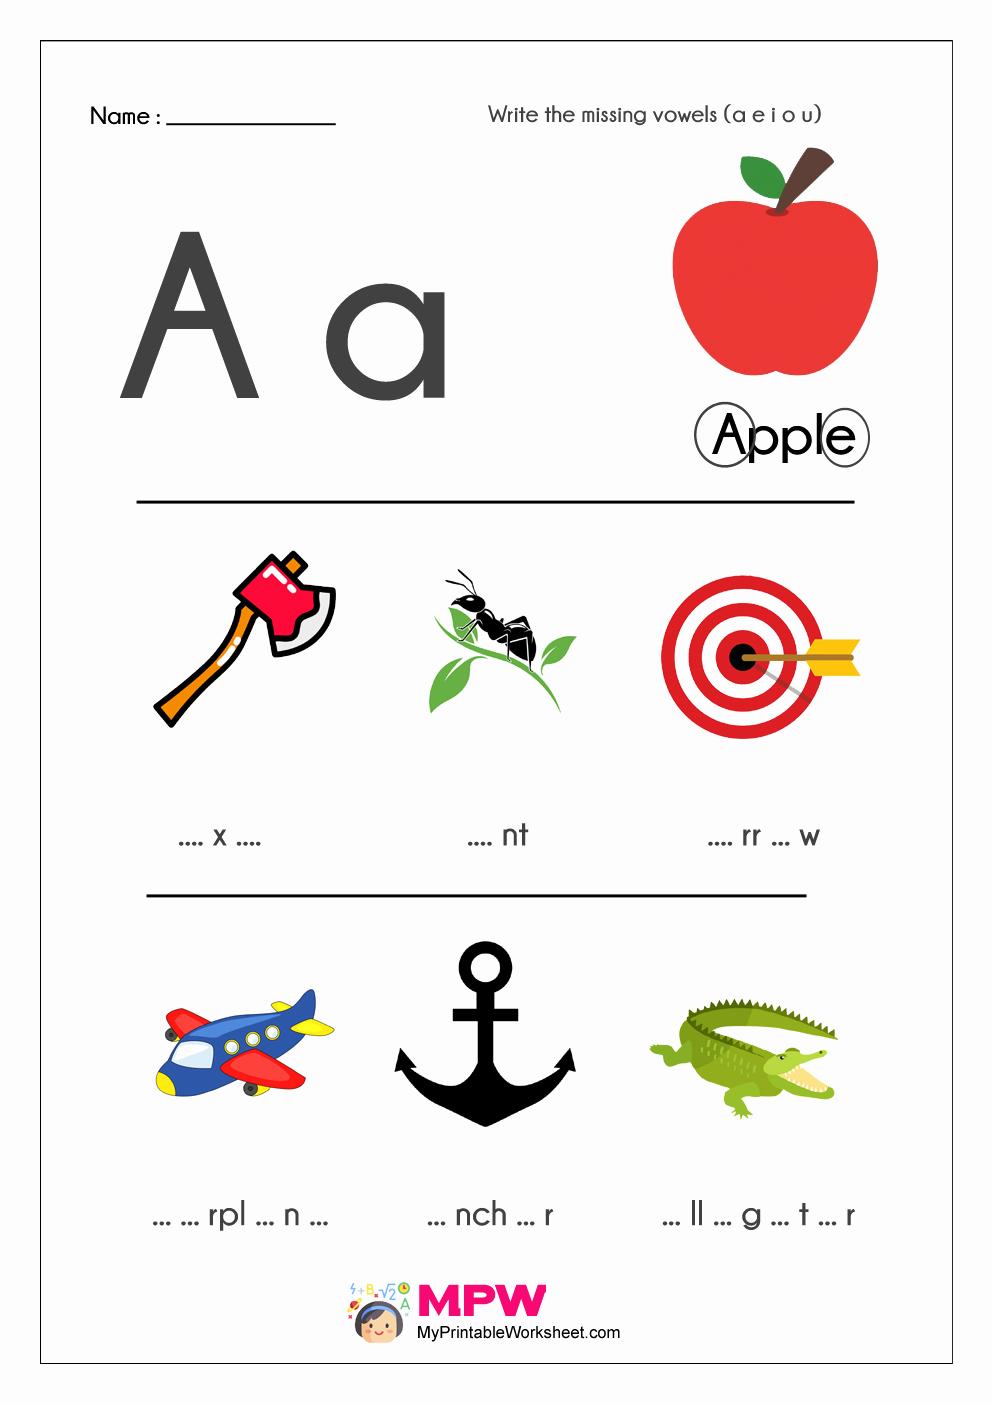 Vowel Worksheets for Kindergarten Fresh Missing Vowels Worksheets A E I O U Vowels Worksheets for